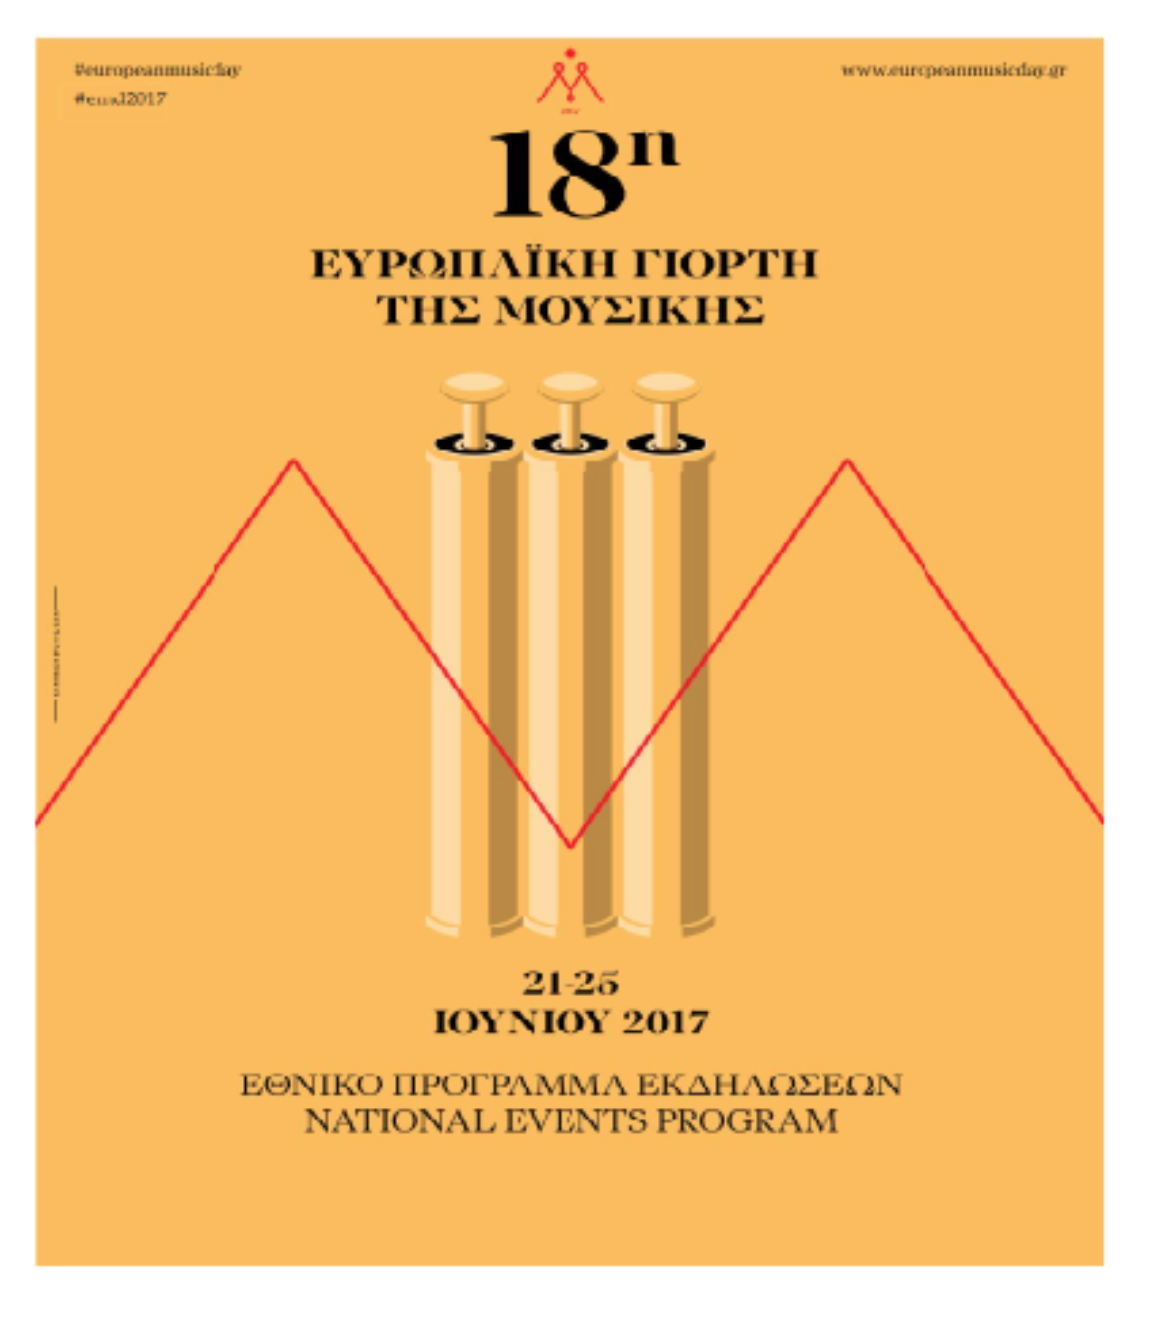 18η Ευρωπαϊκή Γιορτή της Μουσικής Ελλάδος